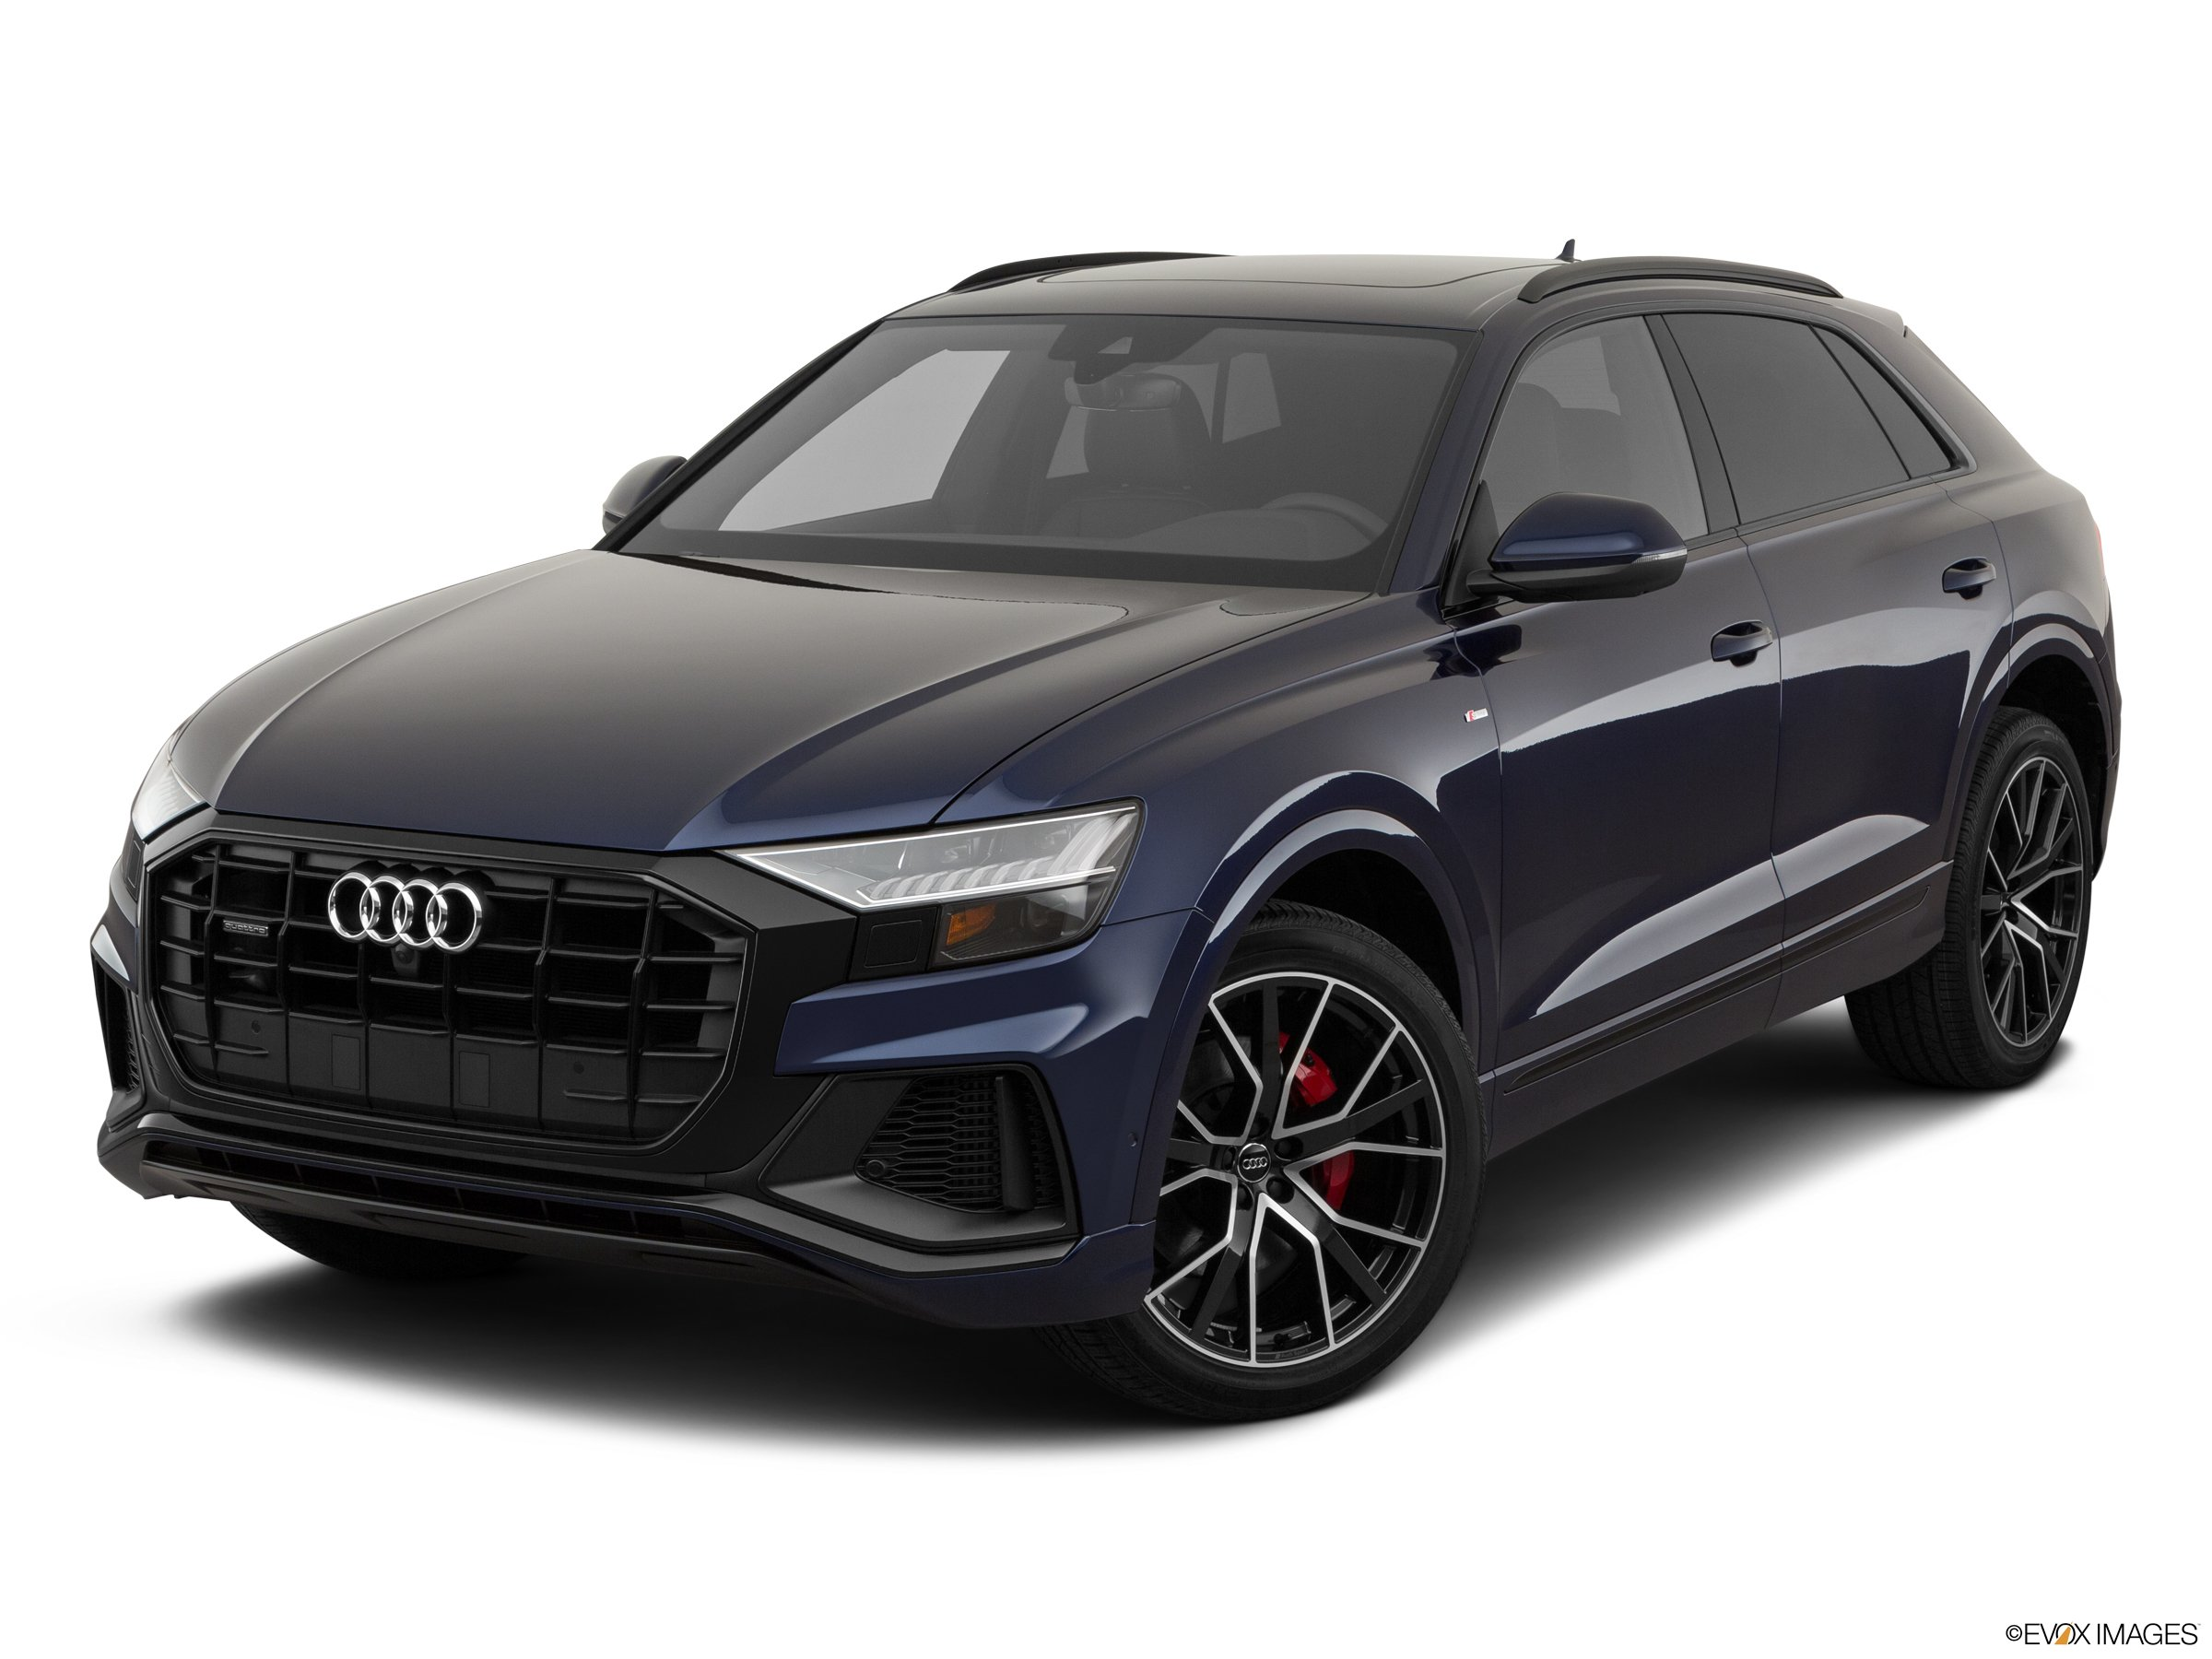 2020 Audi Q8 Premium Plus 55 TFSI AWD SUV